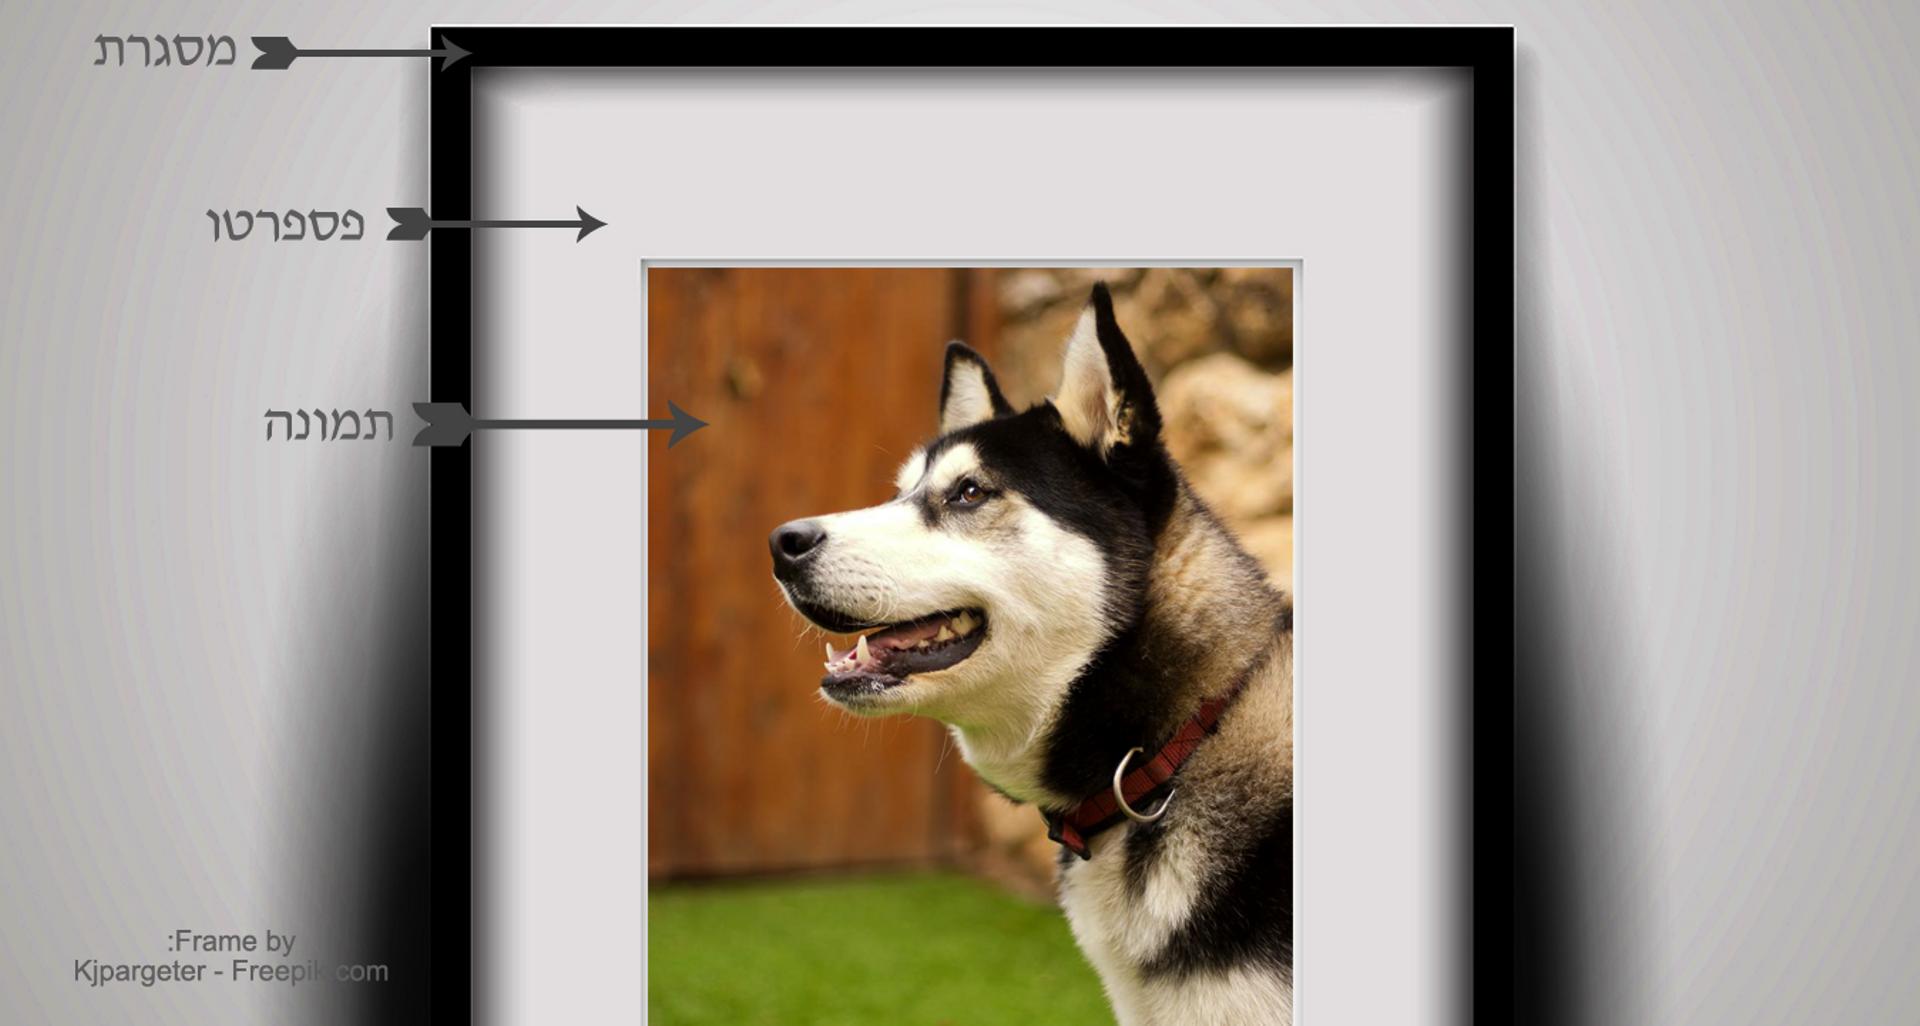 =מסגרת תמונה איכותית דגם FR9207, כולל הדפסת תמונה.